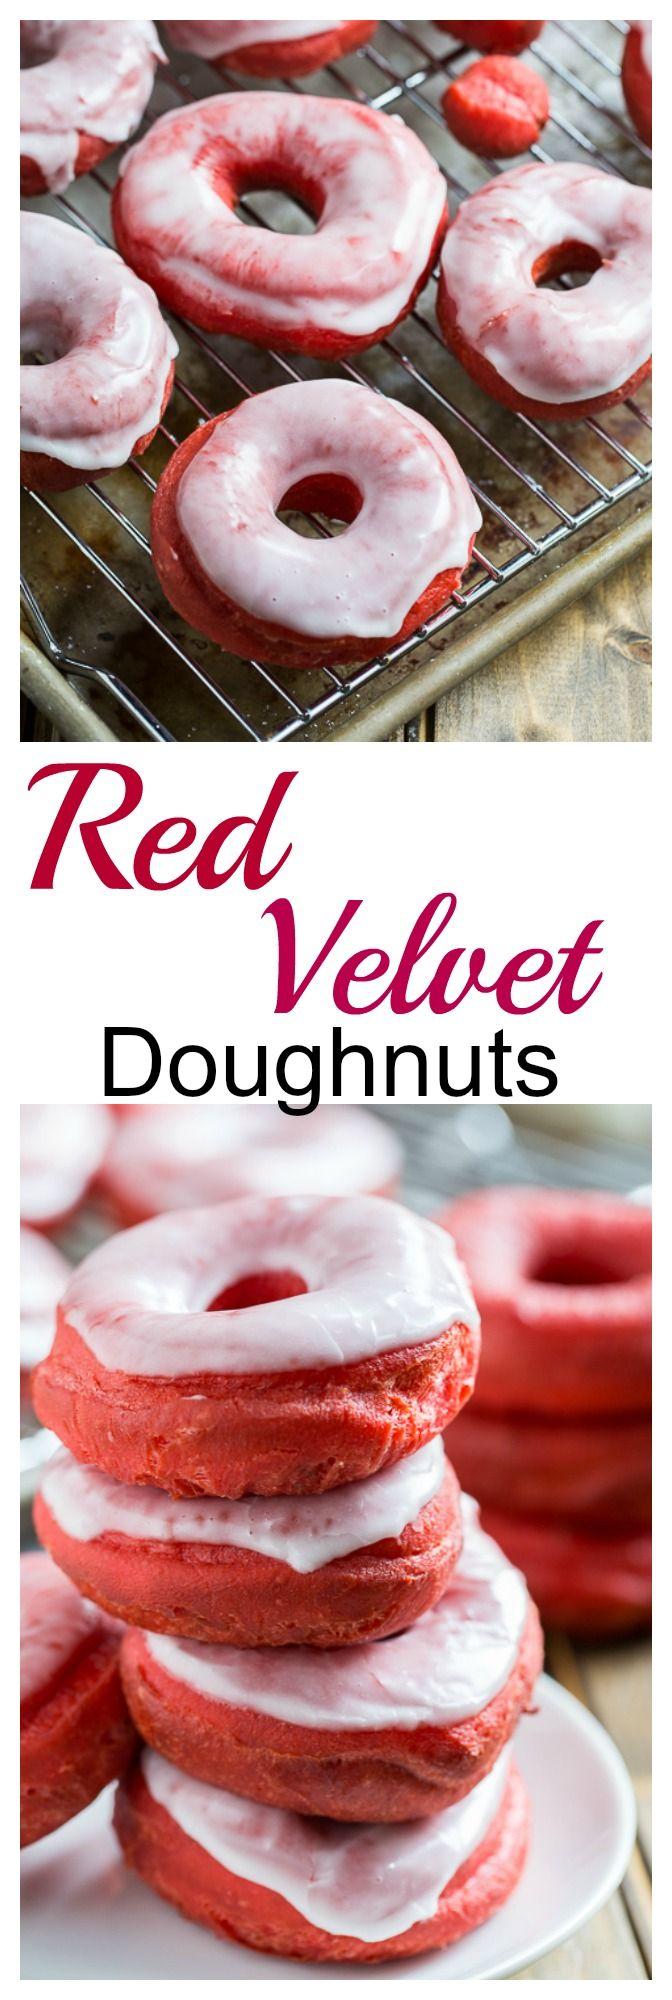 Glazed Red Velvet Donuts